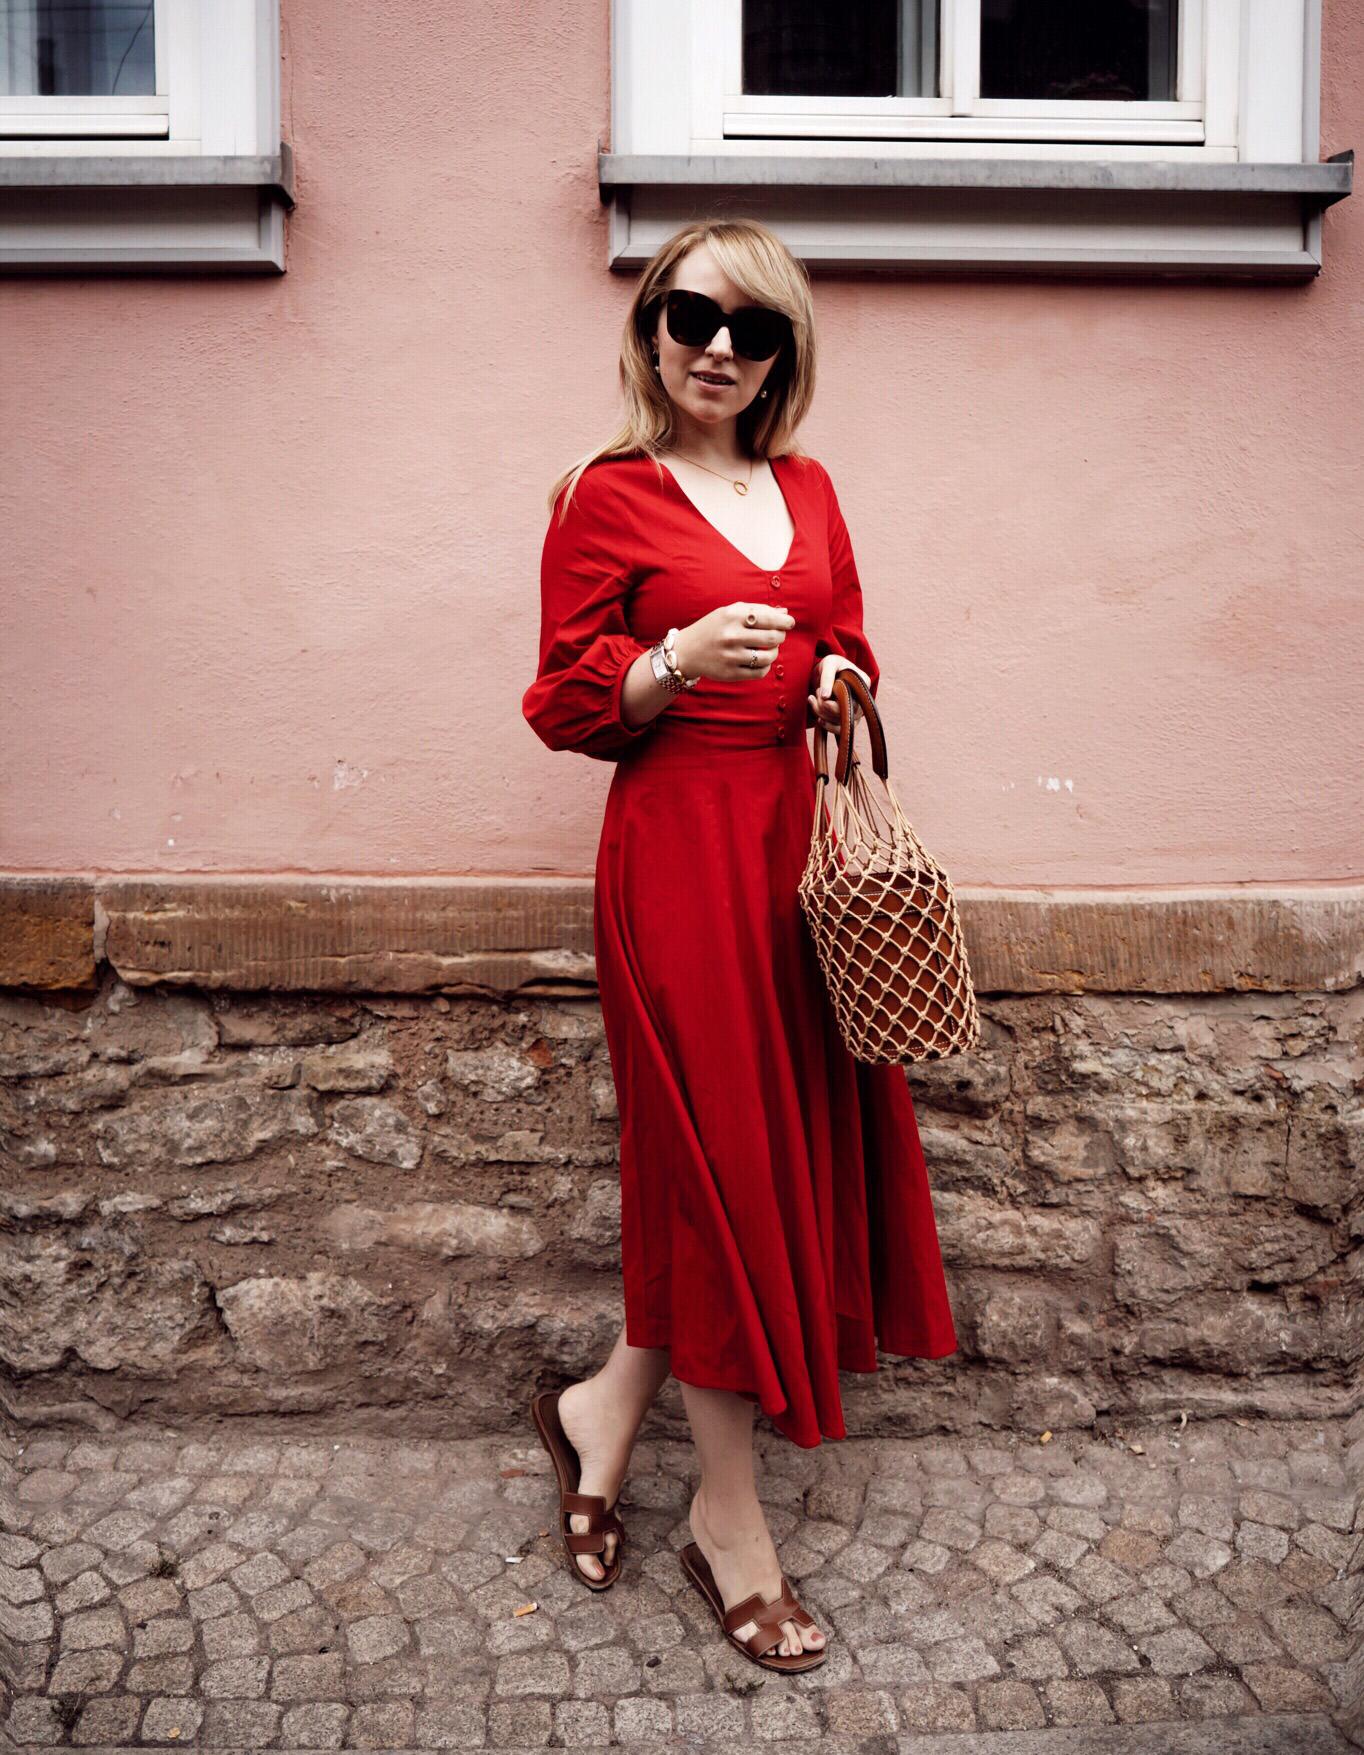 Staud Fashion Korbtasche Kleid Zukkermädchen Rotes Sandalette Hermes 3 c34Rjq5ALS